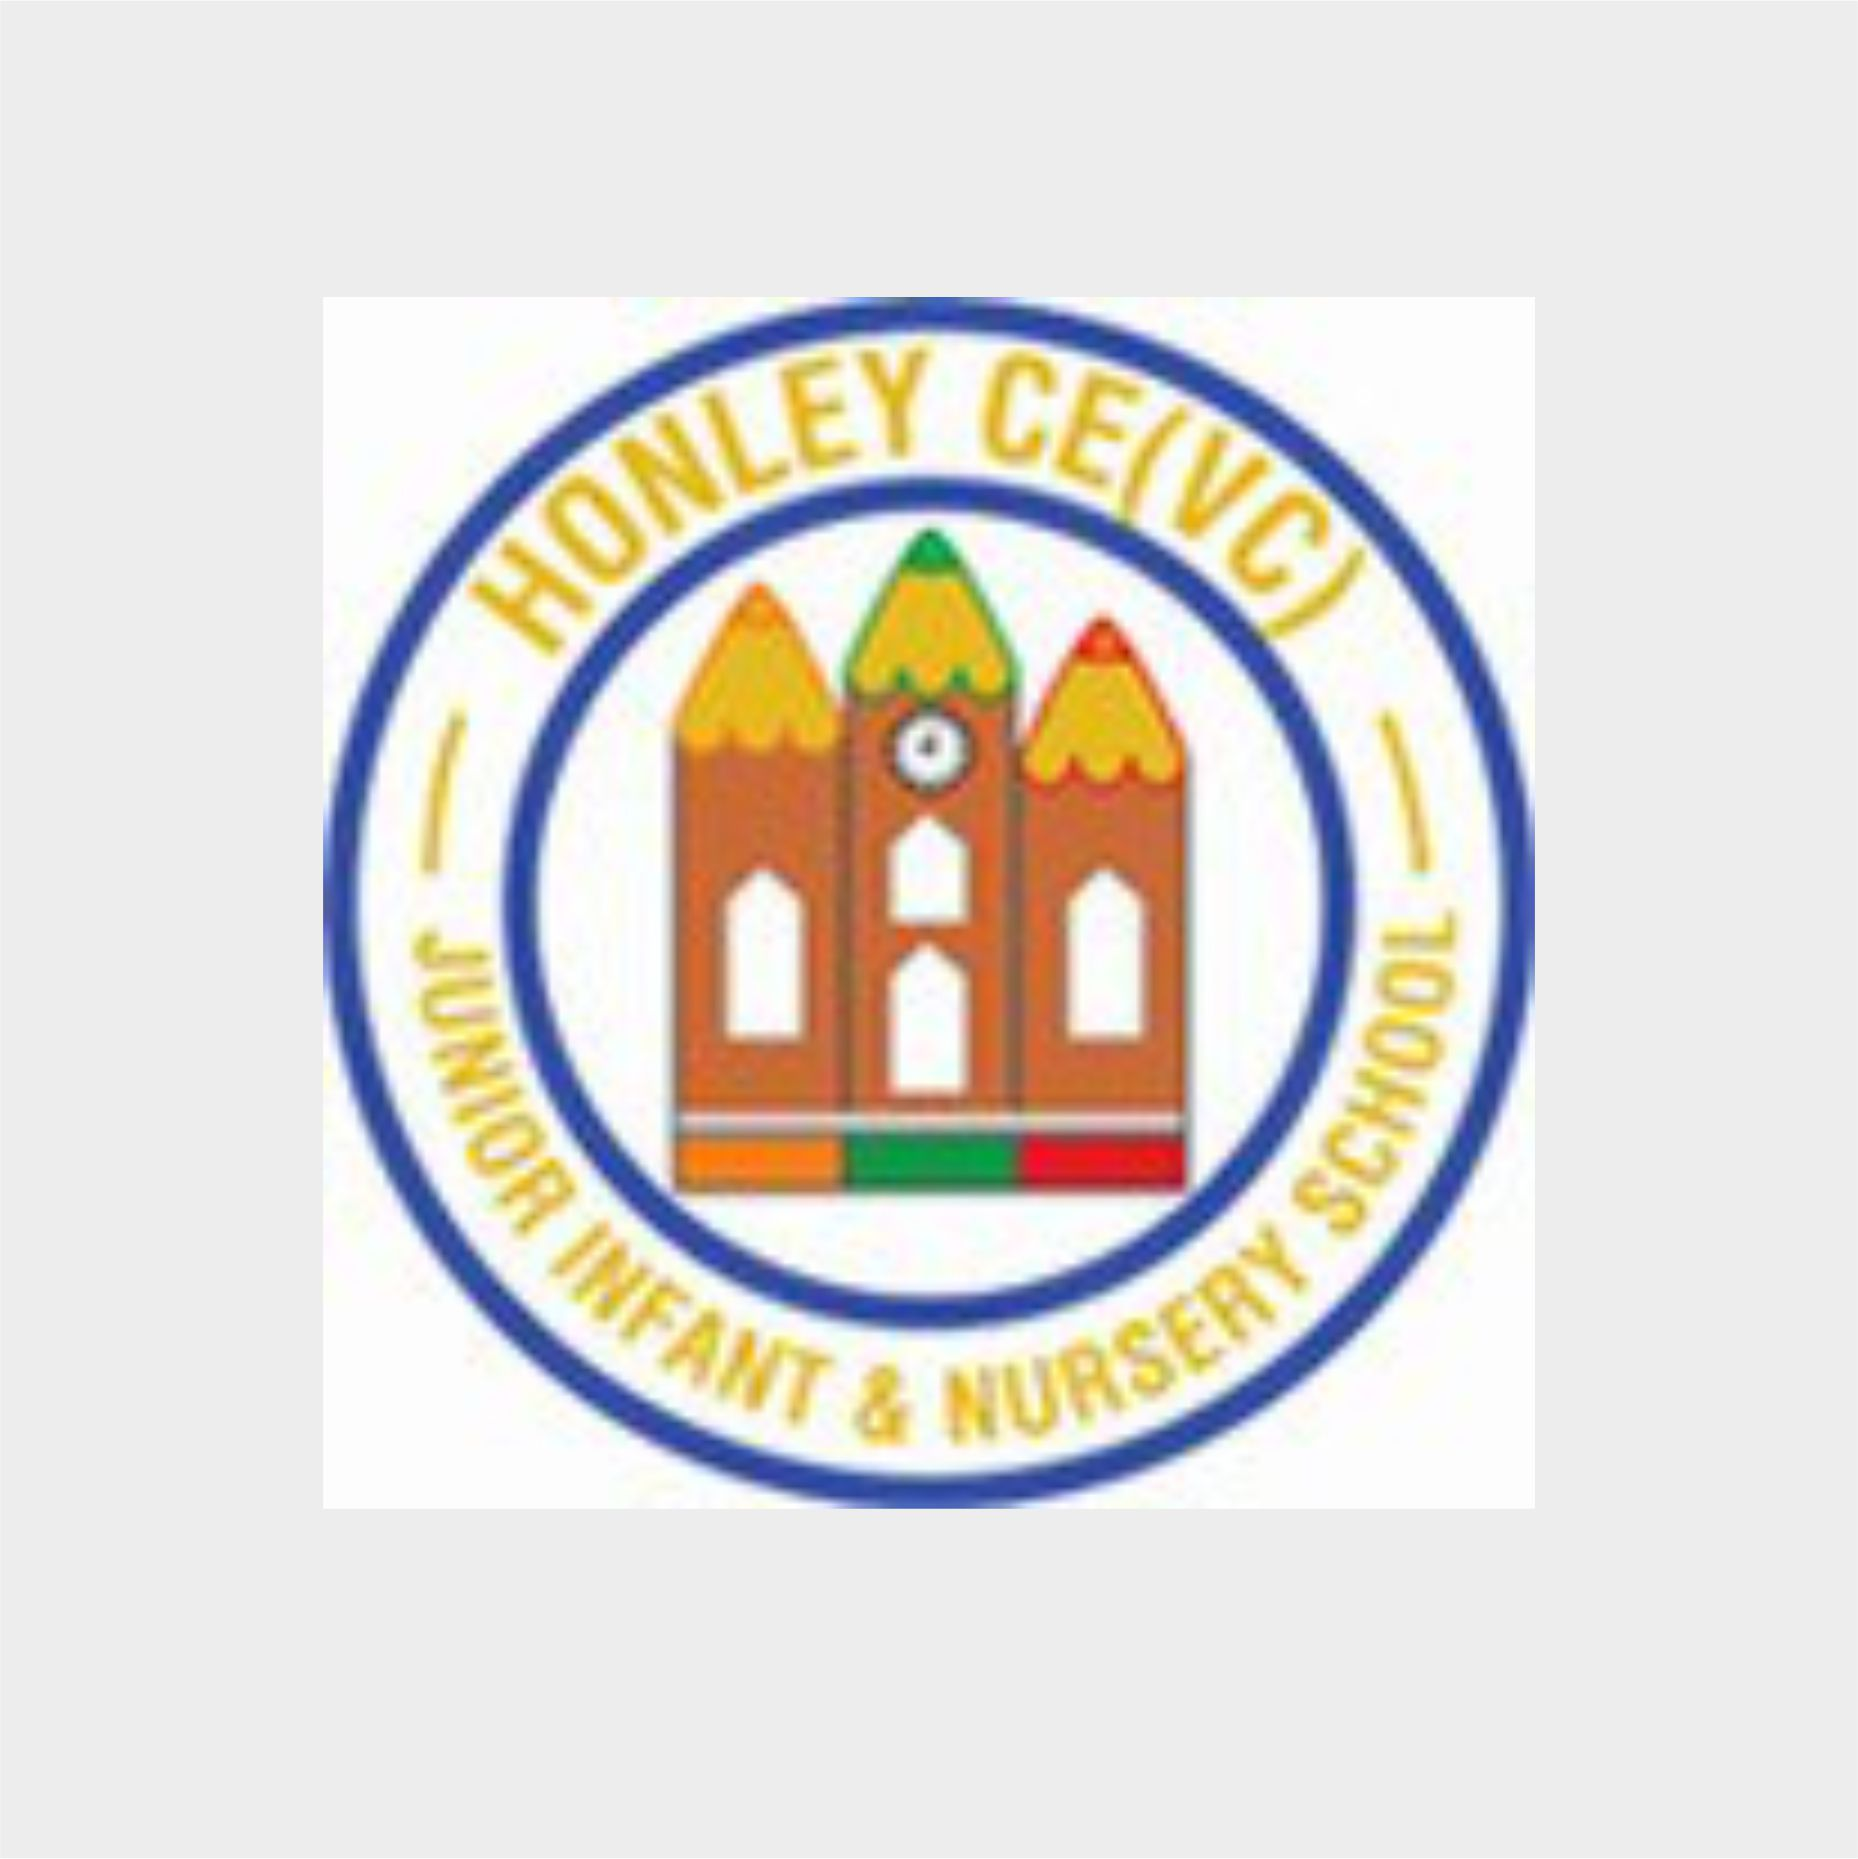 Honley CE.jpg